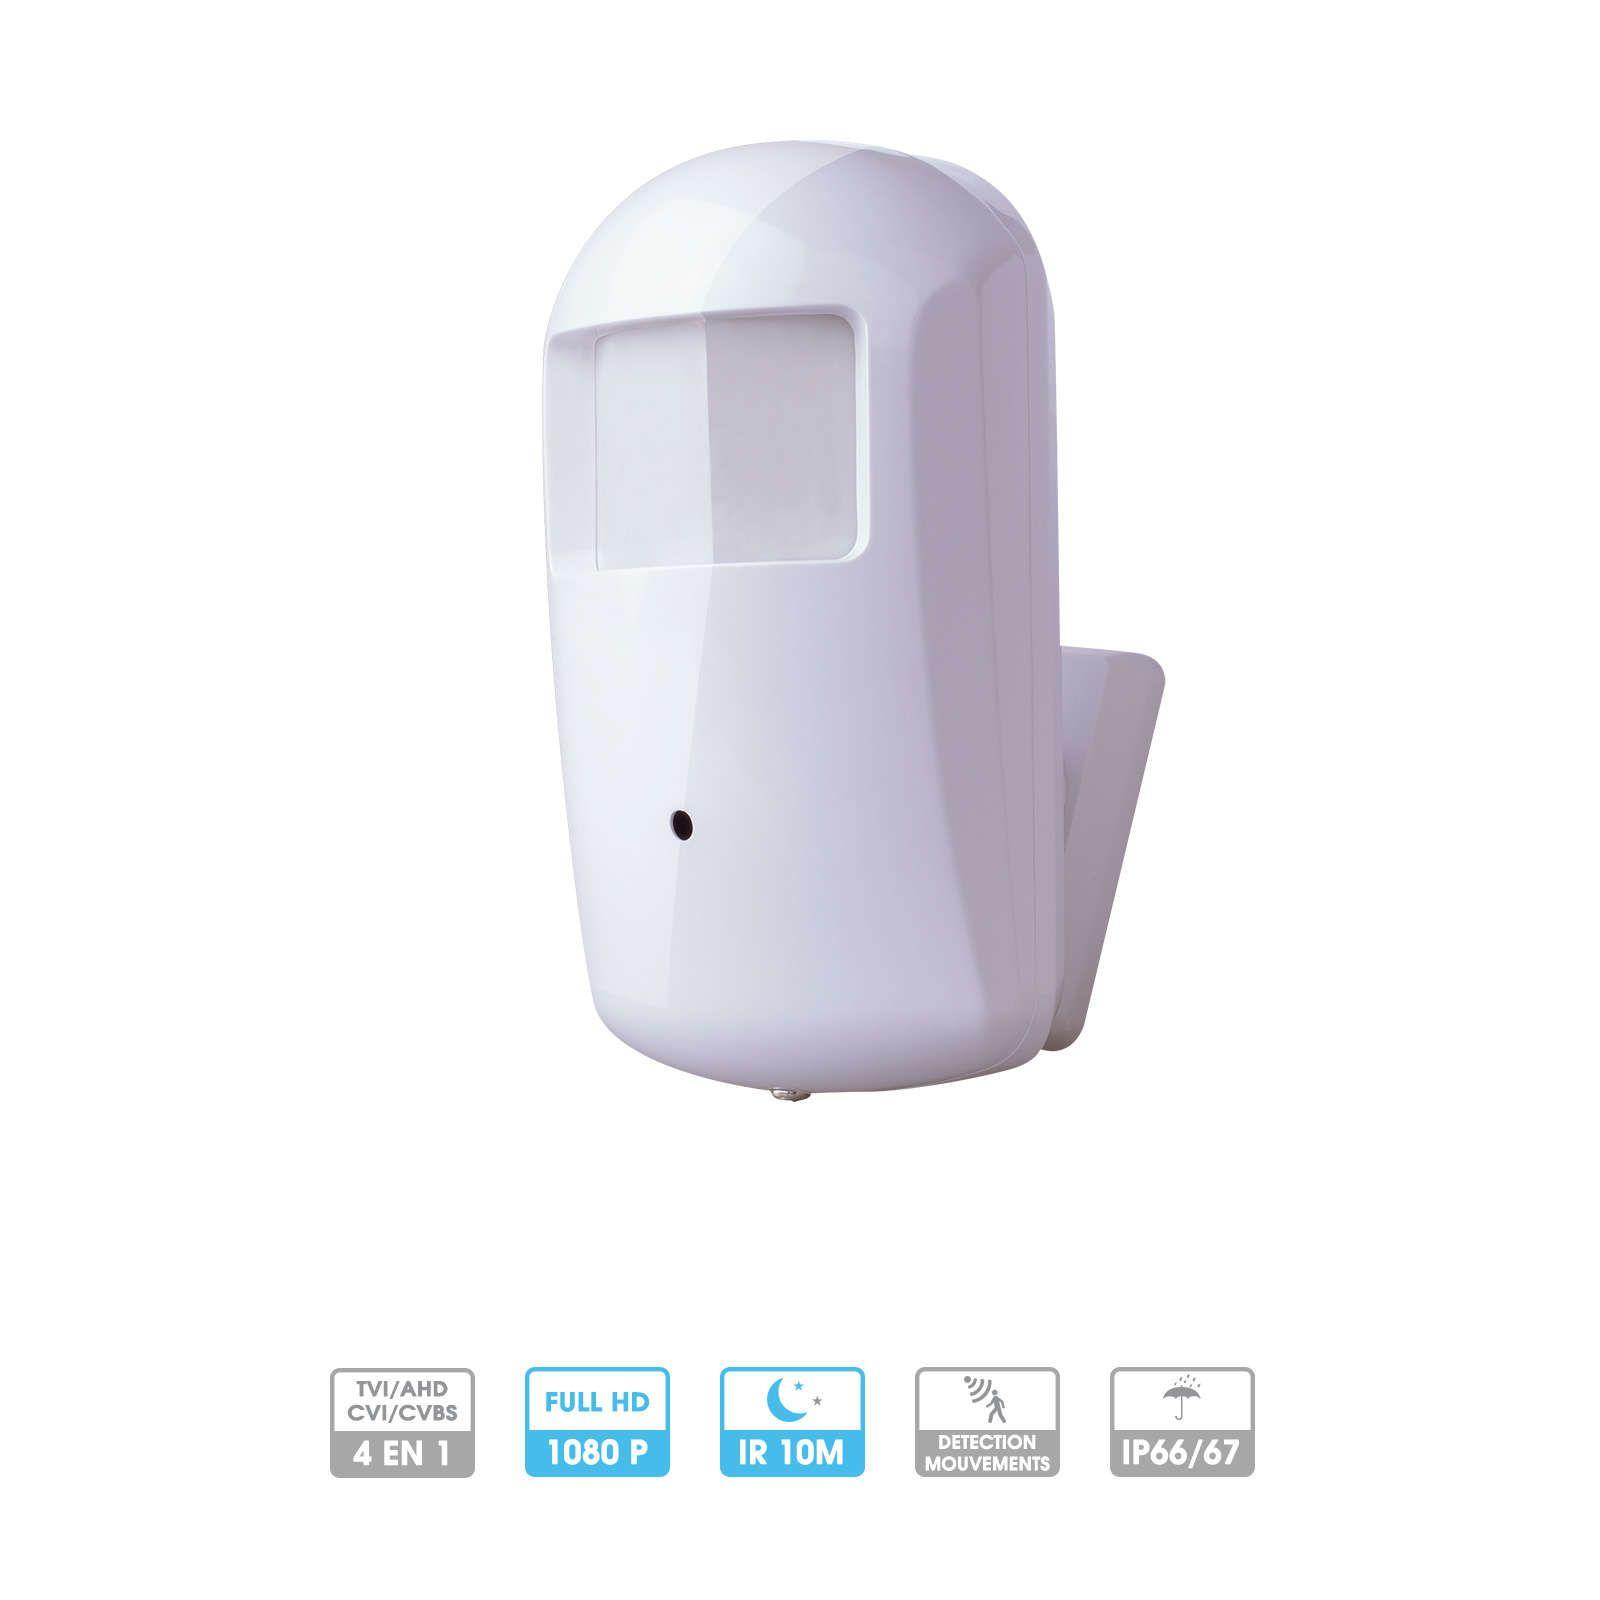 Caméra Provision | Caméra camouflée détecteur mouvement | 2 MP | HDCVI / HDTVI | Objectif fixe | Vision nocturne 10 mètres